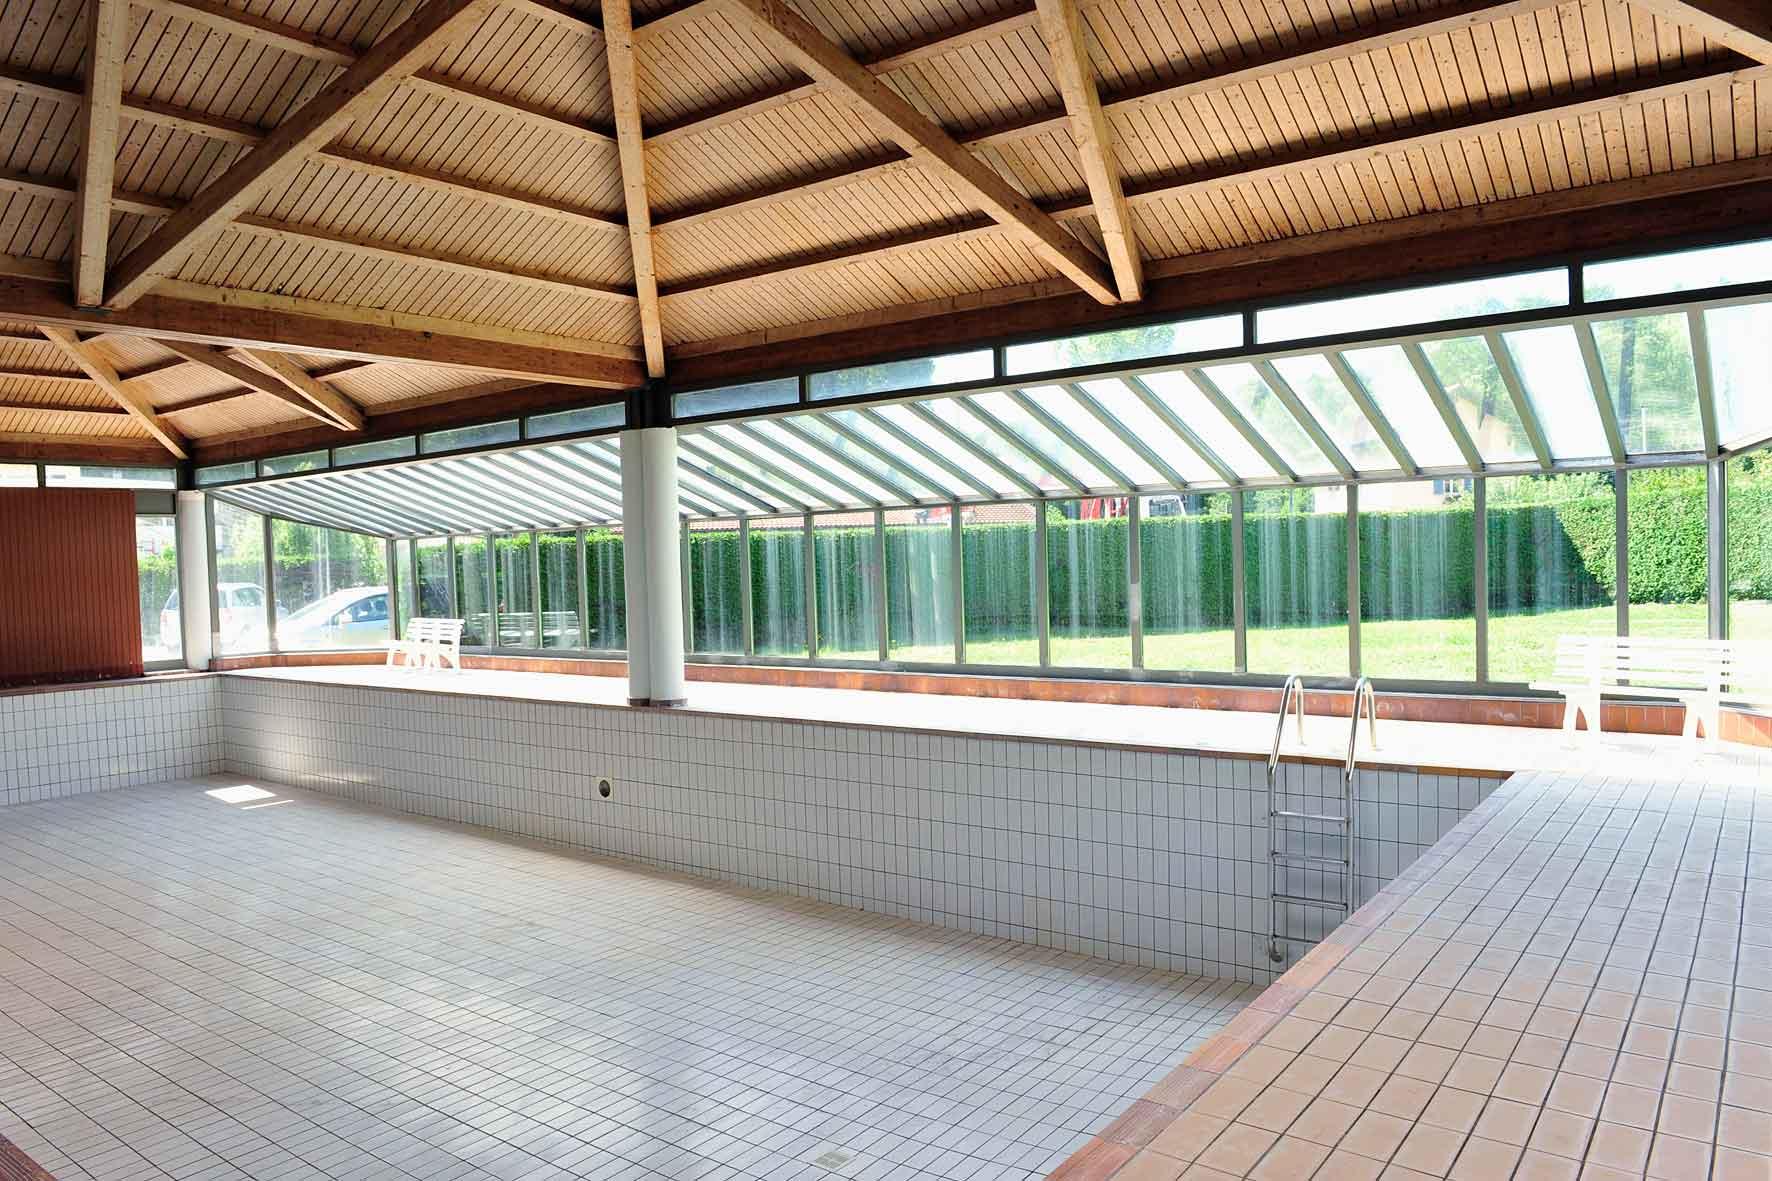 La piscine de valeyres restera vide la r gion for Local technique piscine vide sanitaire